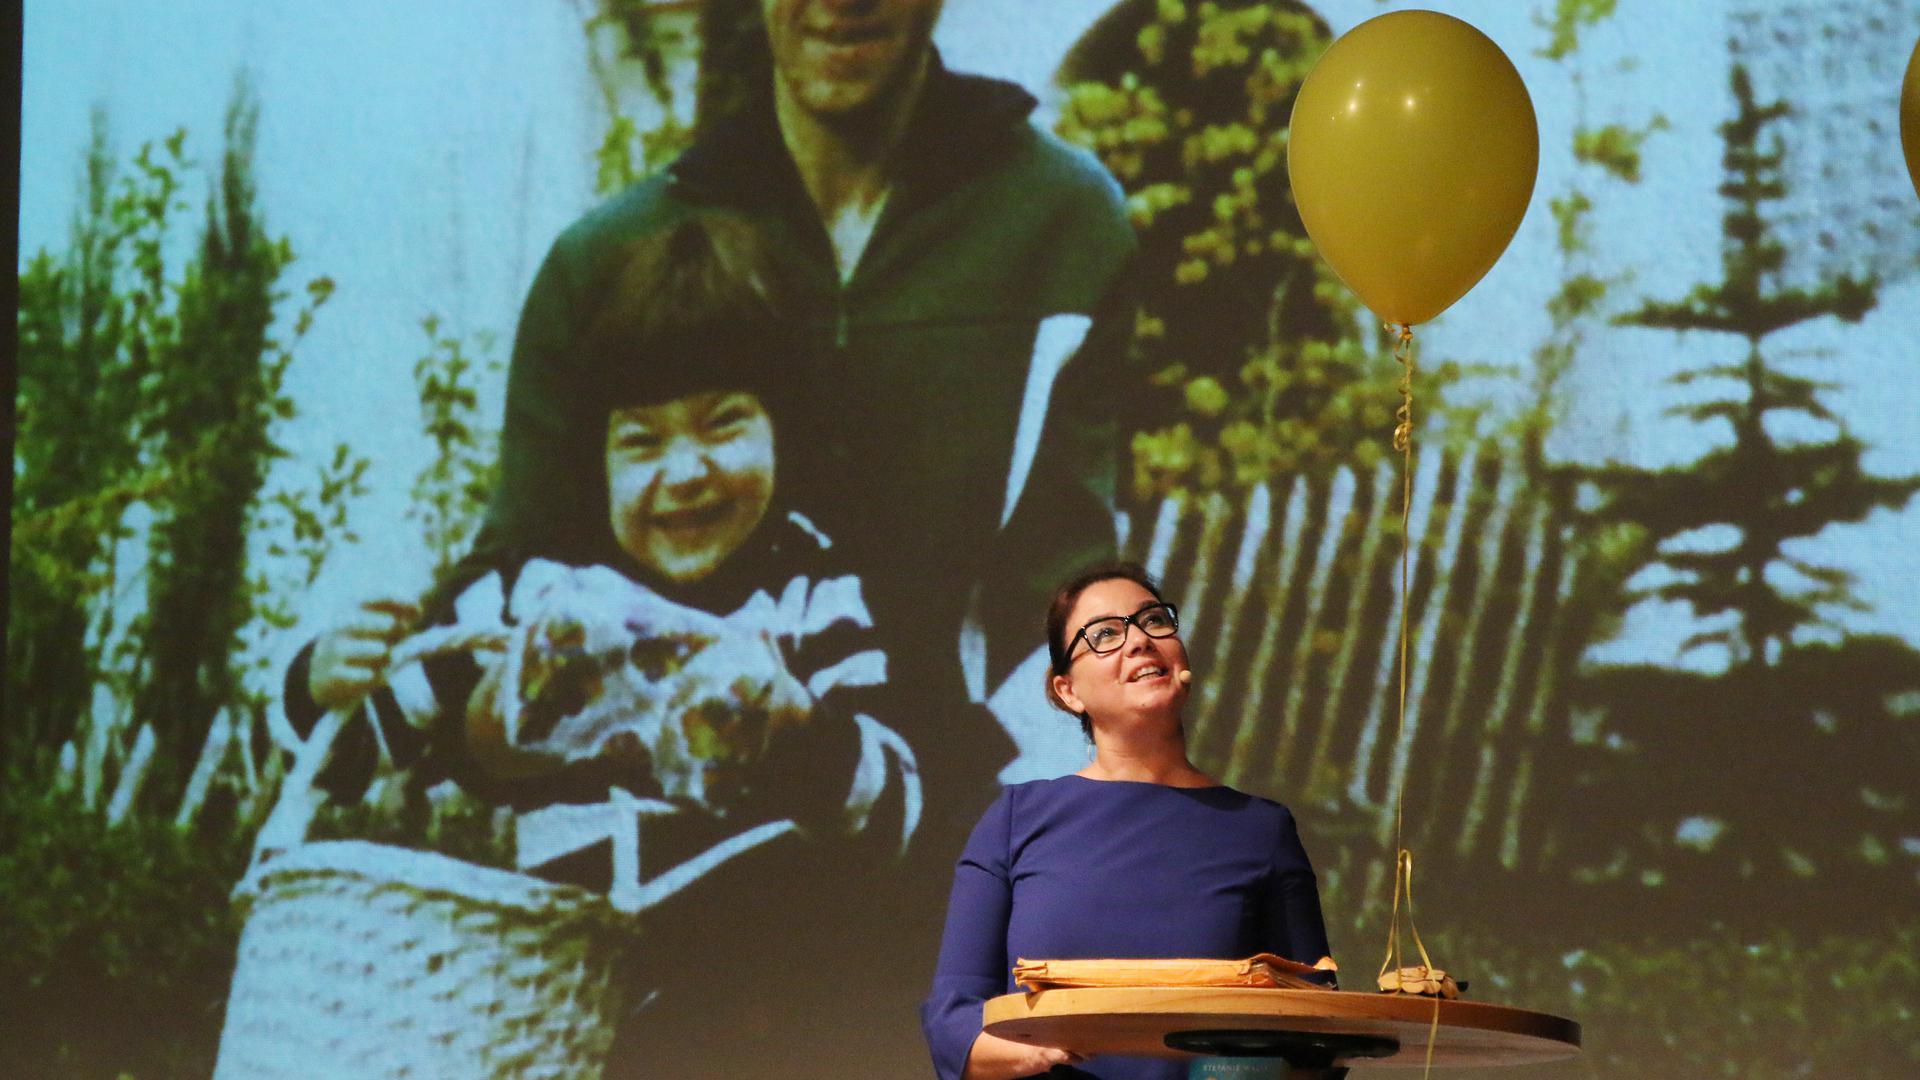 Akte Luftballon: So heißt das Buch von Stefanie Wally, aus dem sie bei der Pforzheimer Feierstunde vorliest. Es erzählt von der Freundschaft zweier Mädchen, die mit einem gelben Luftballon begann.